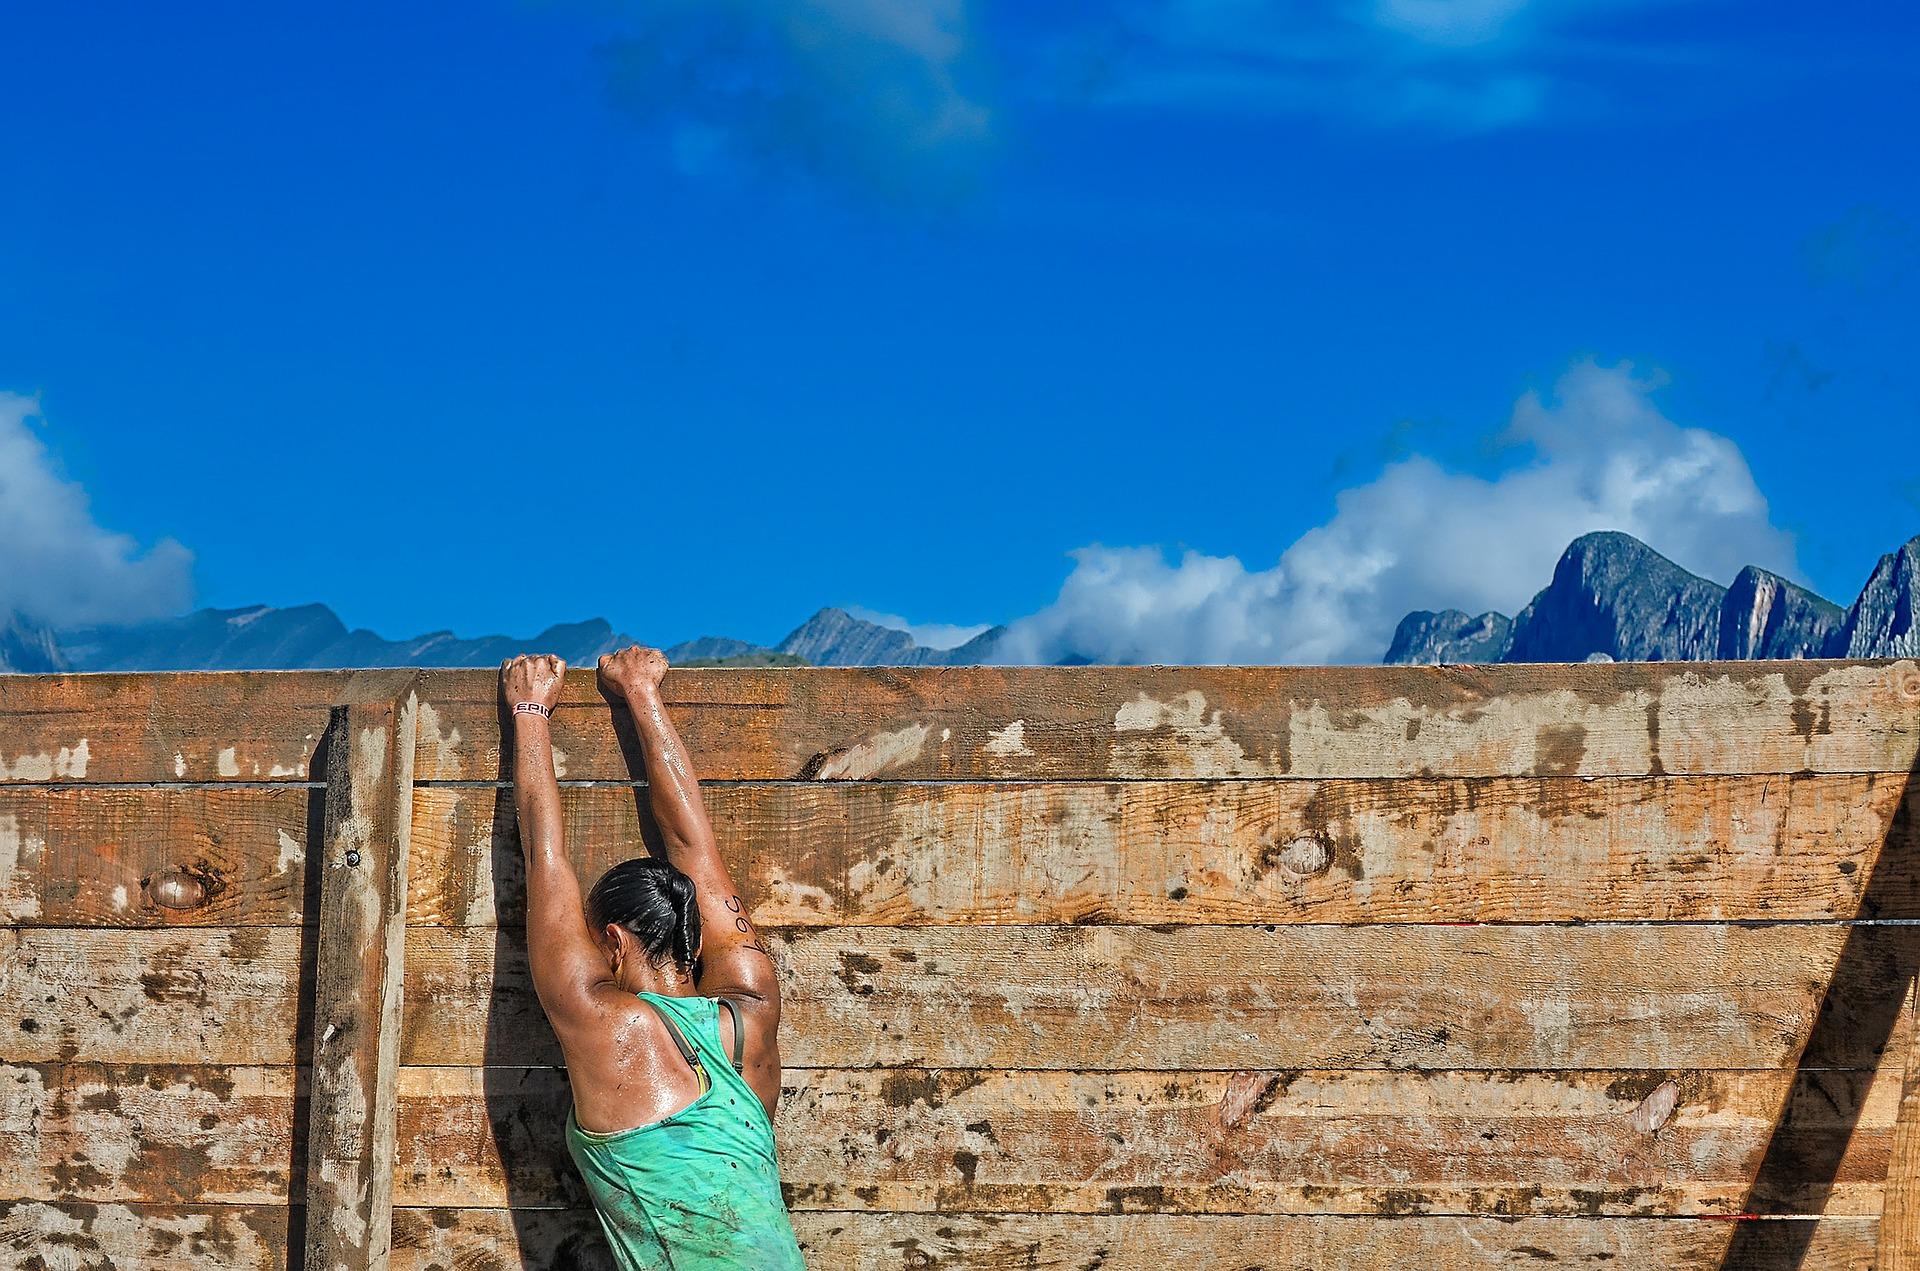 逆境を乗り越える為のメンタルコントロール法【回復力を高める】#111